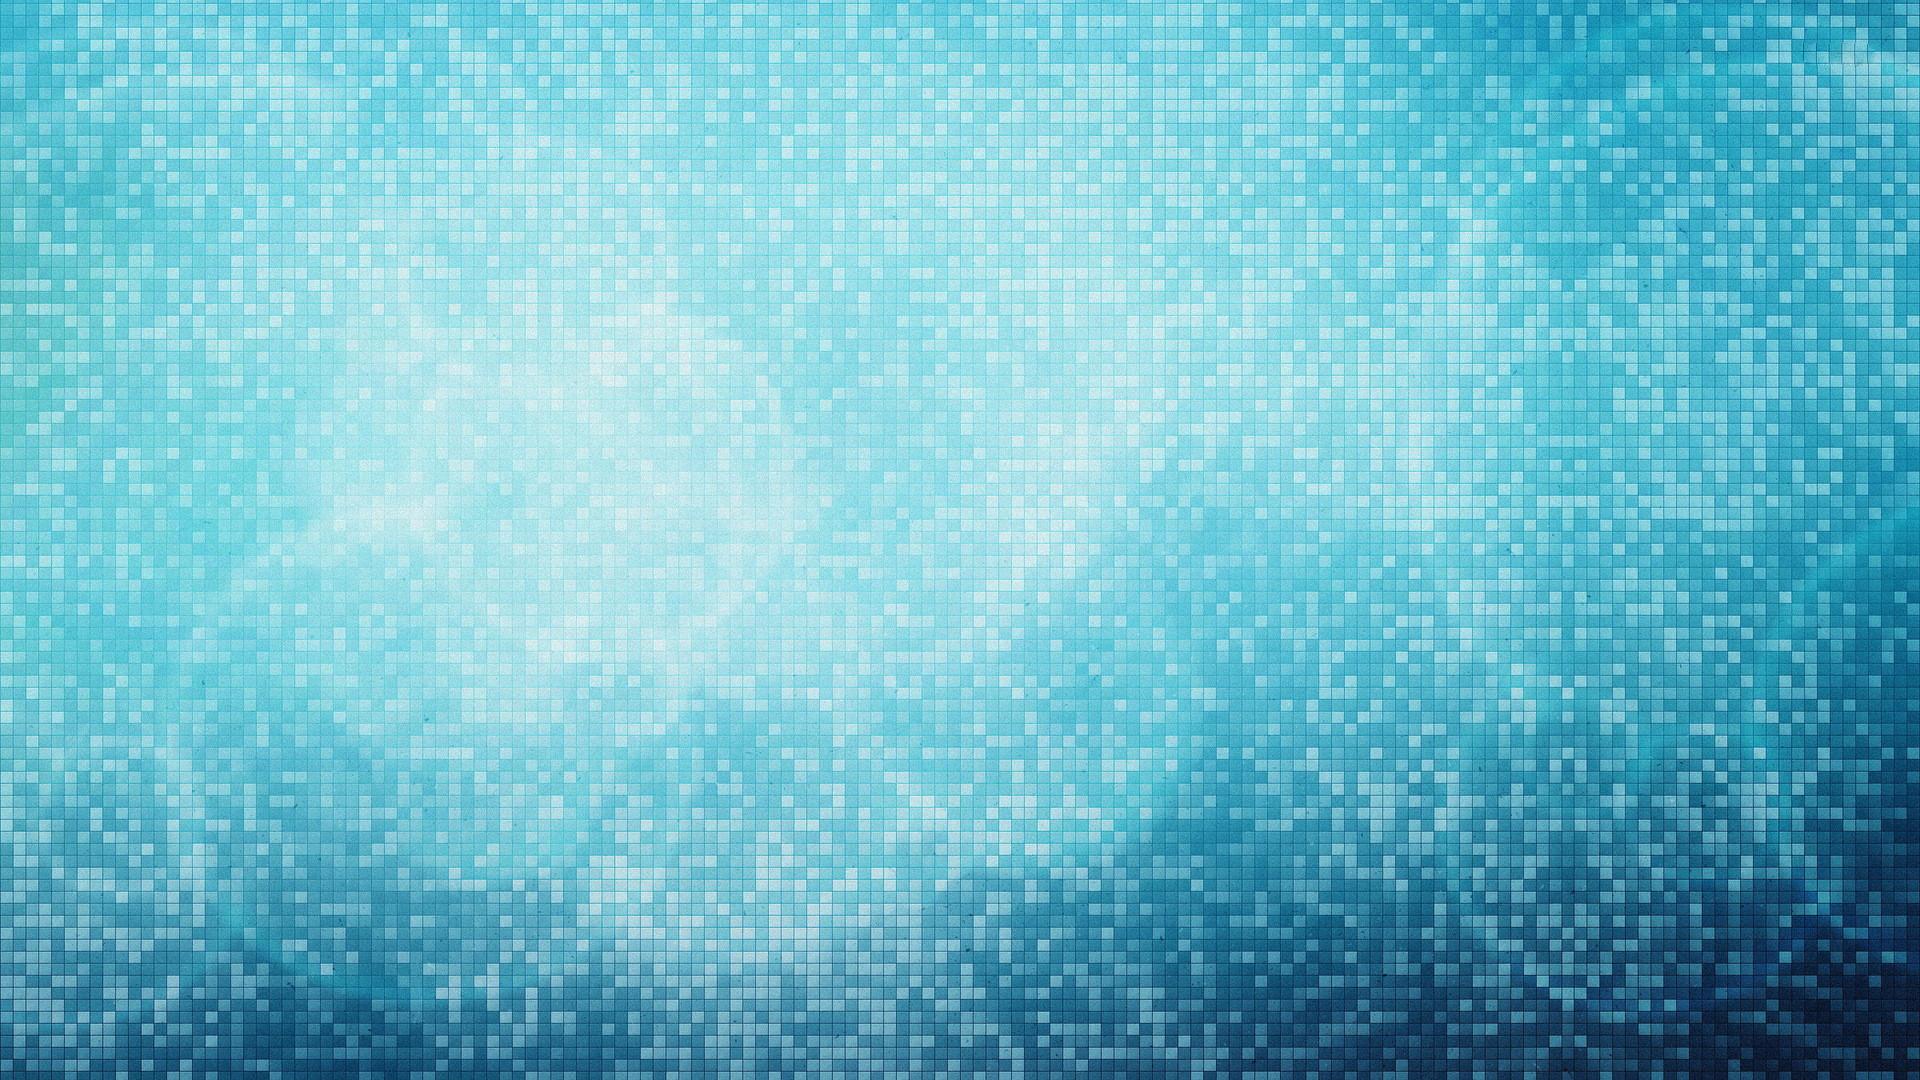 Aolid light blue high resolution wallpaper.